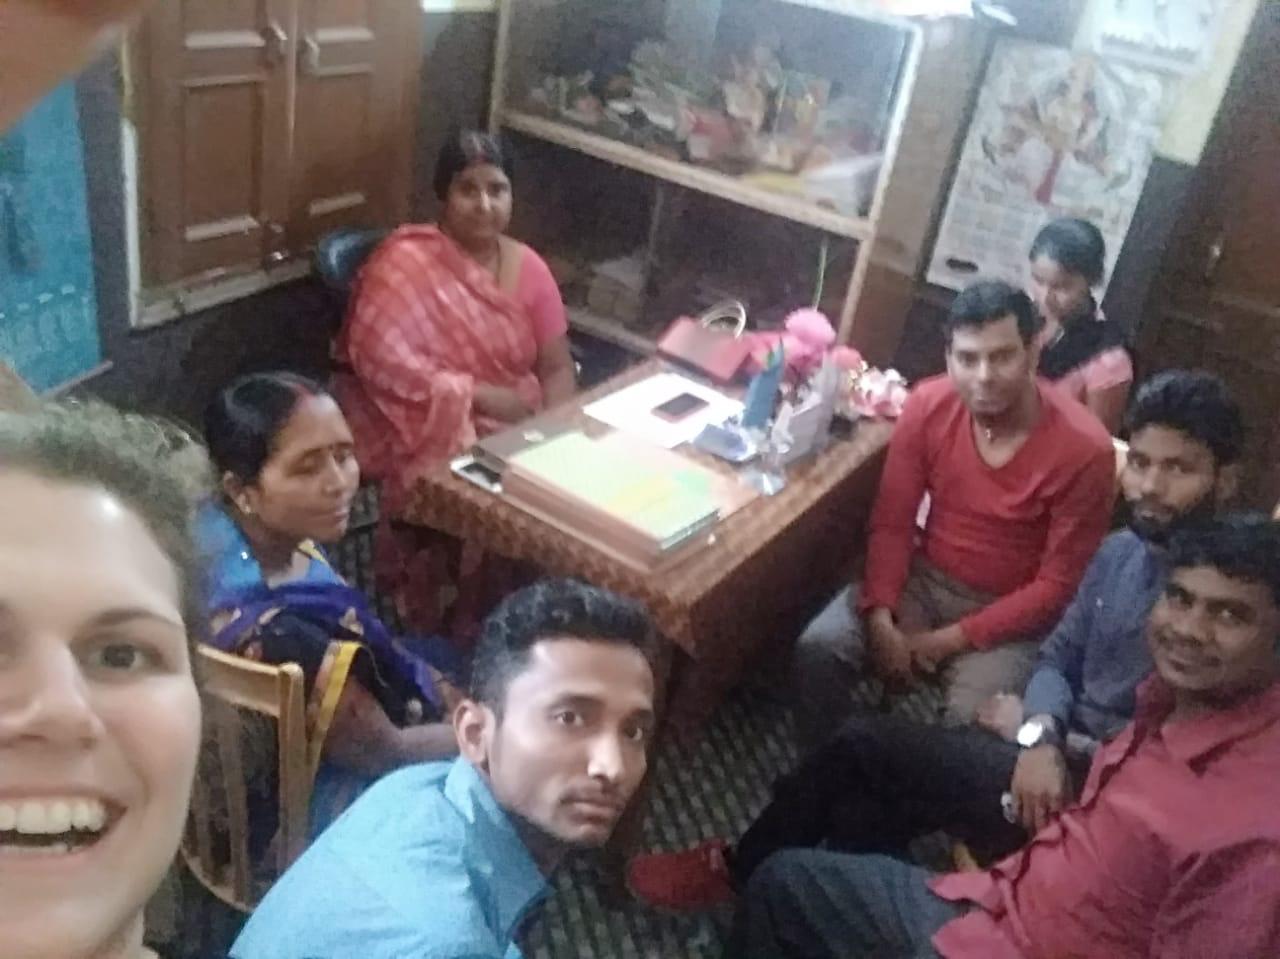 INDIEN_chatroom_teacher